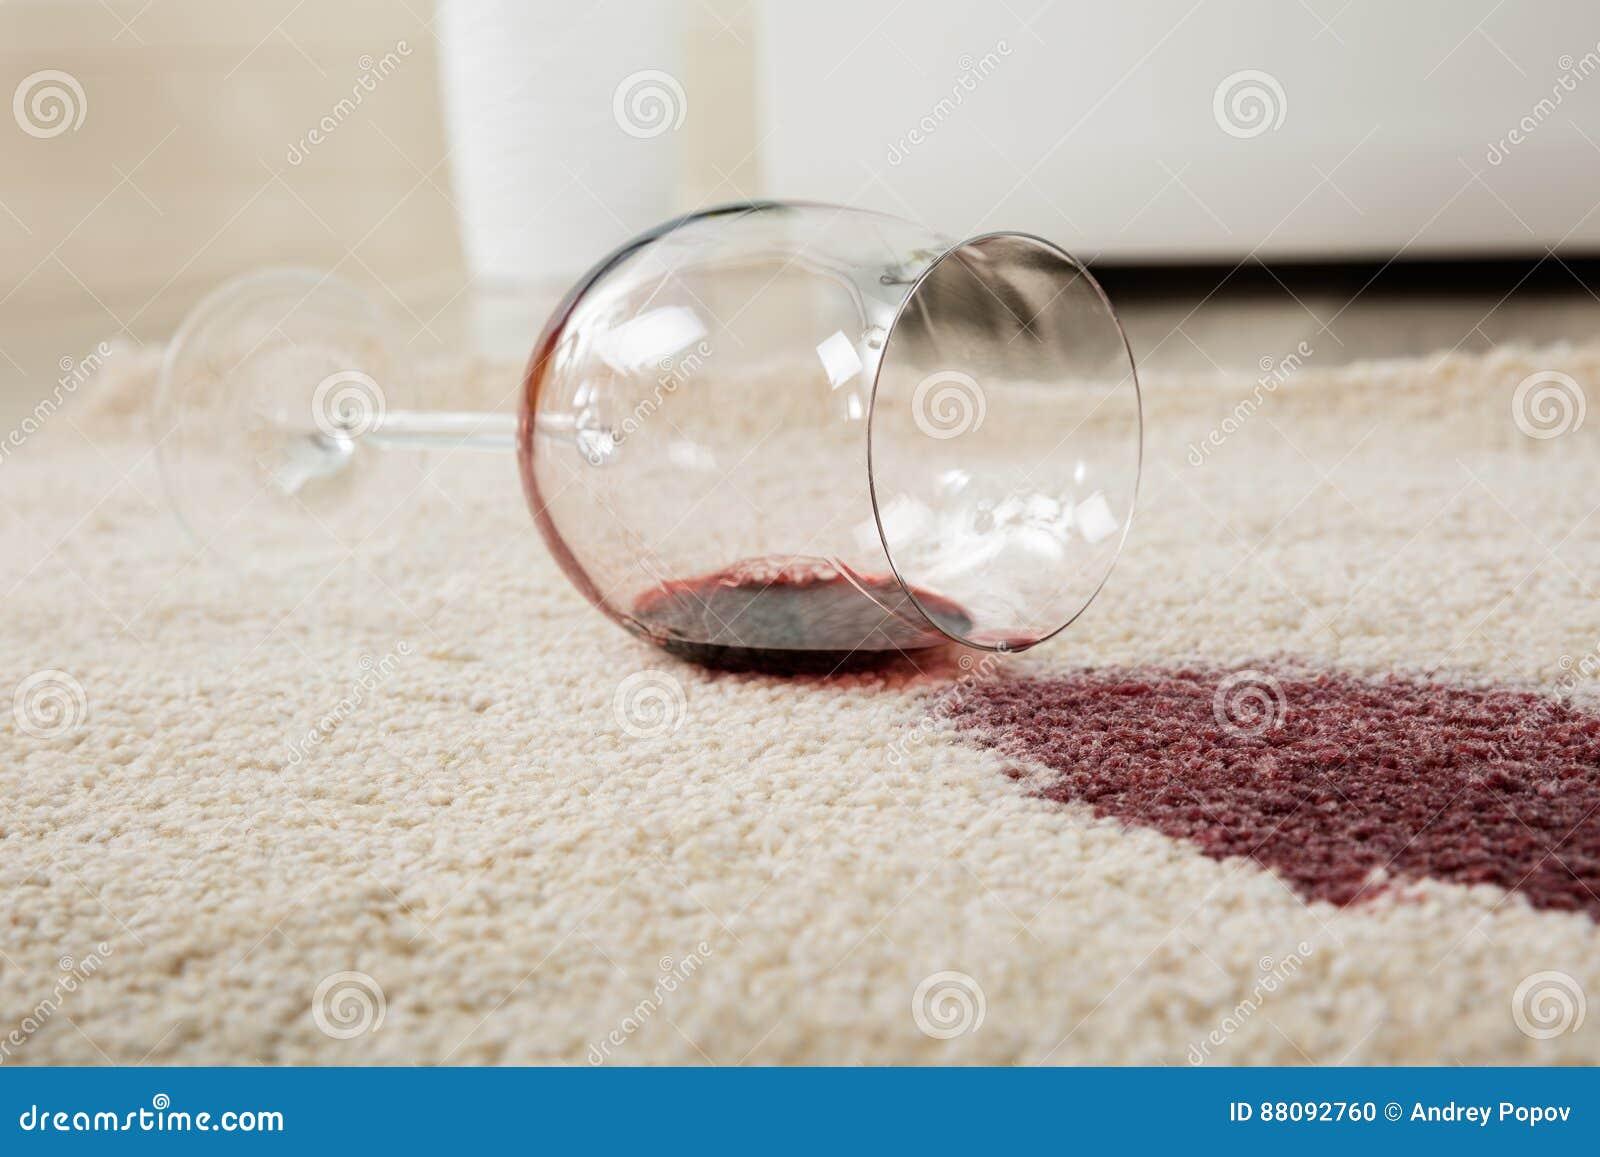 Rött vin som spills från exponeringsglas på matta